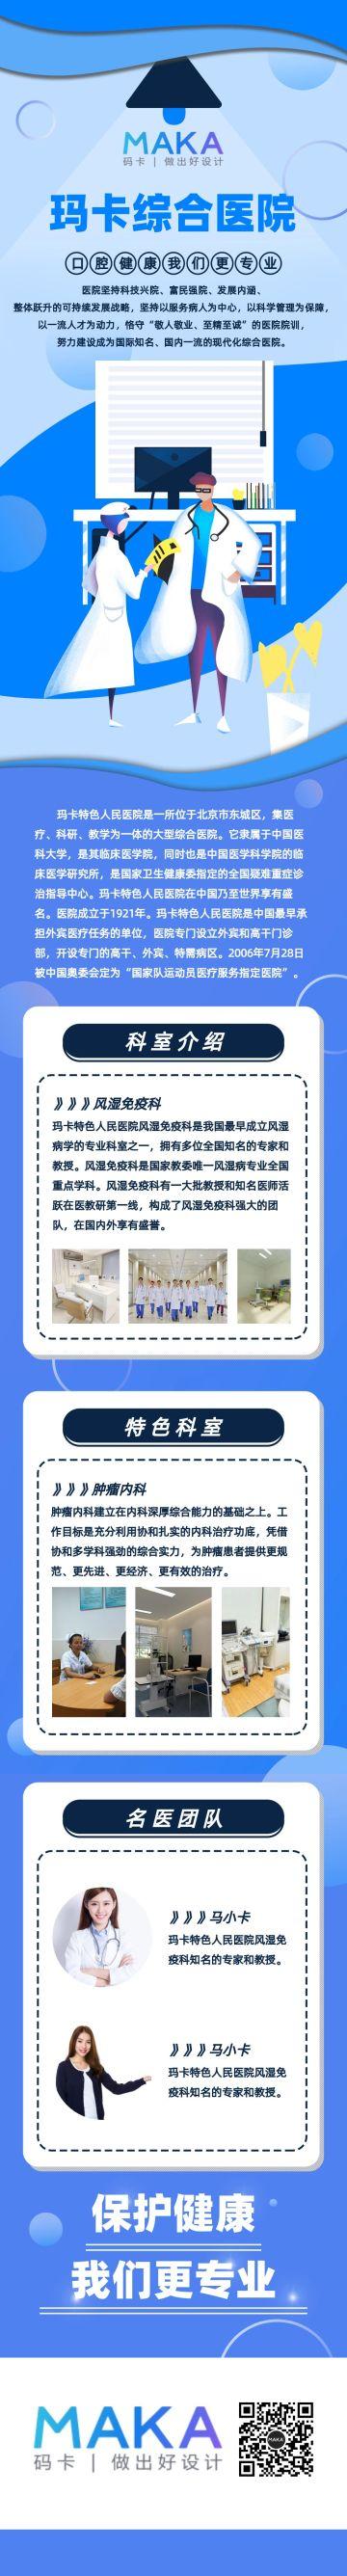 蓝色简约医院项目介绍文章长图